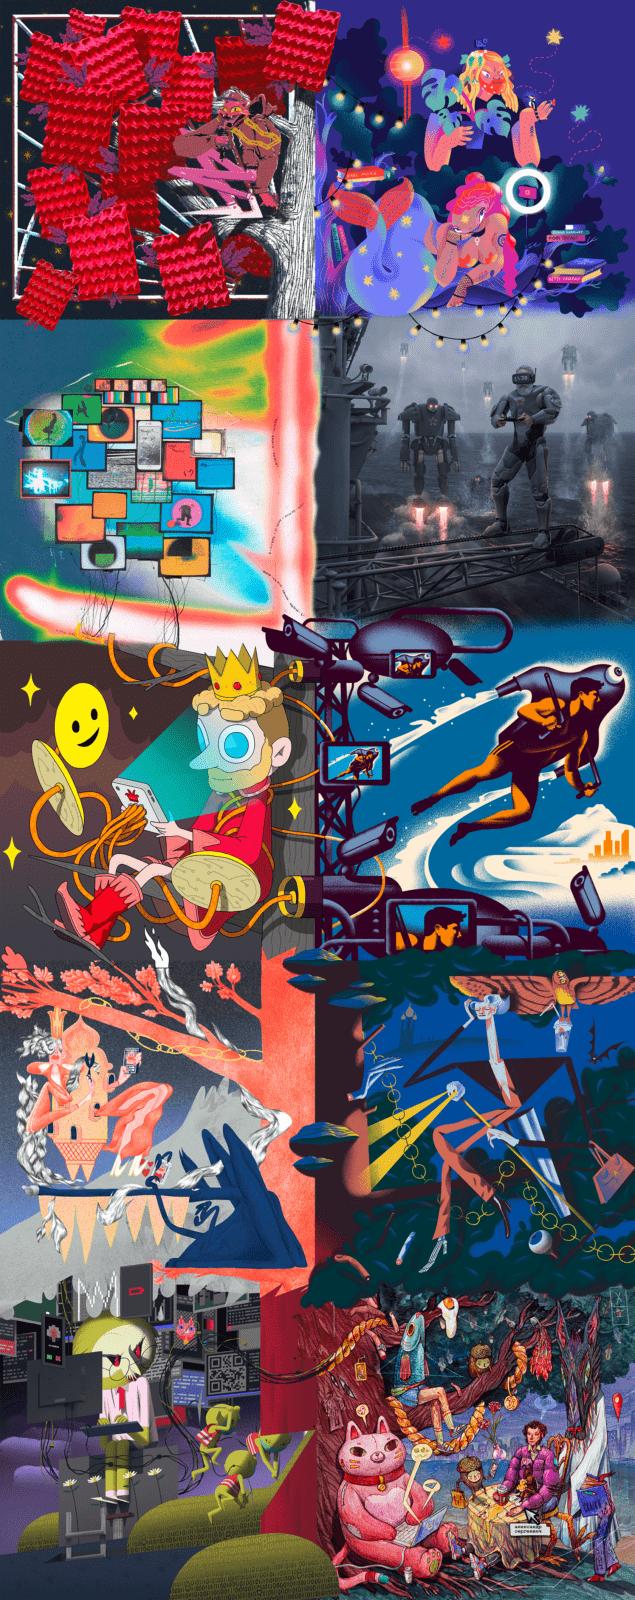 Adobe запустила конкурс цифрового искусства «Открой своё Лукоморье» (lukomore mural)